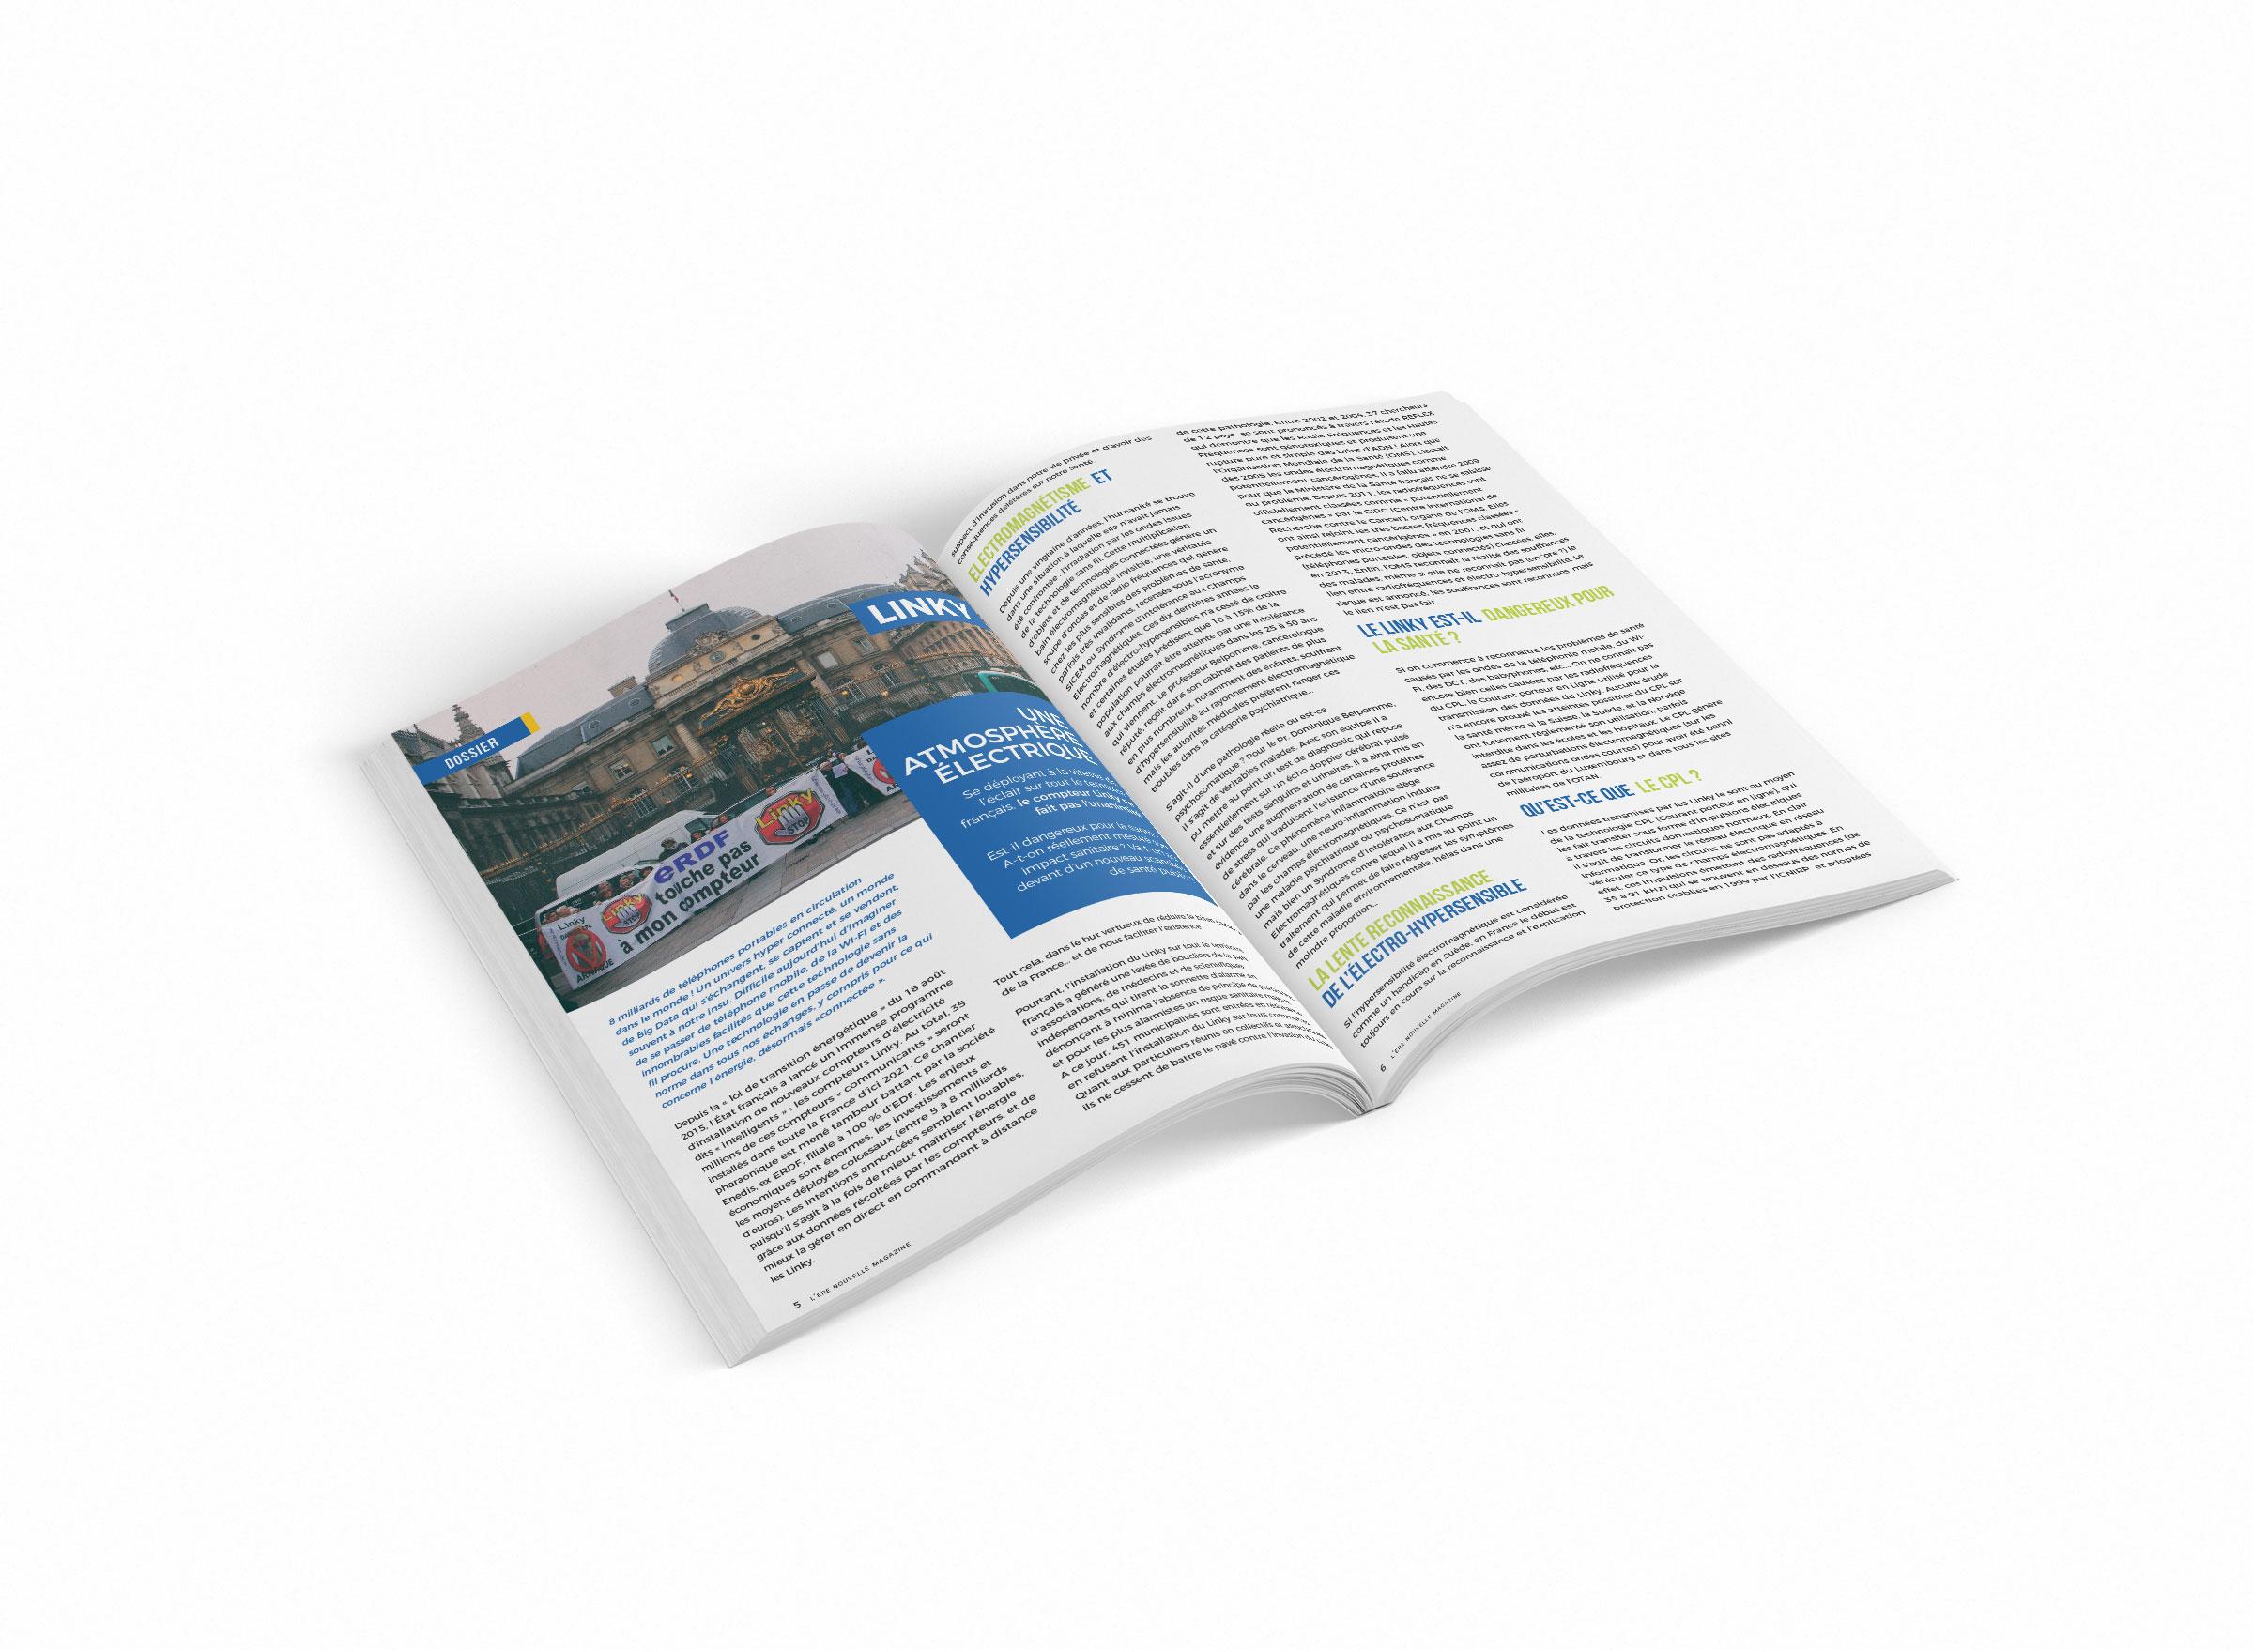 ekg-design, Quantaform Ere Nouvelle Mag article 1